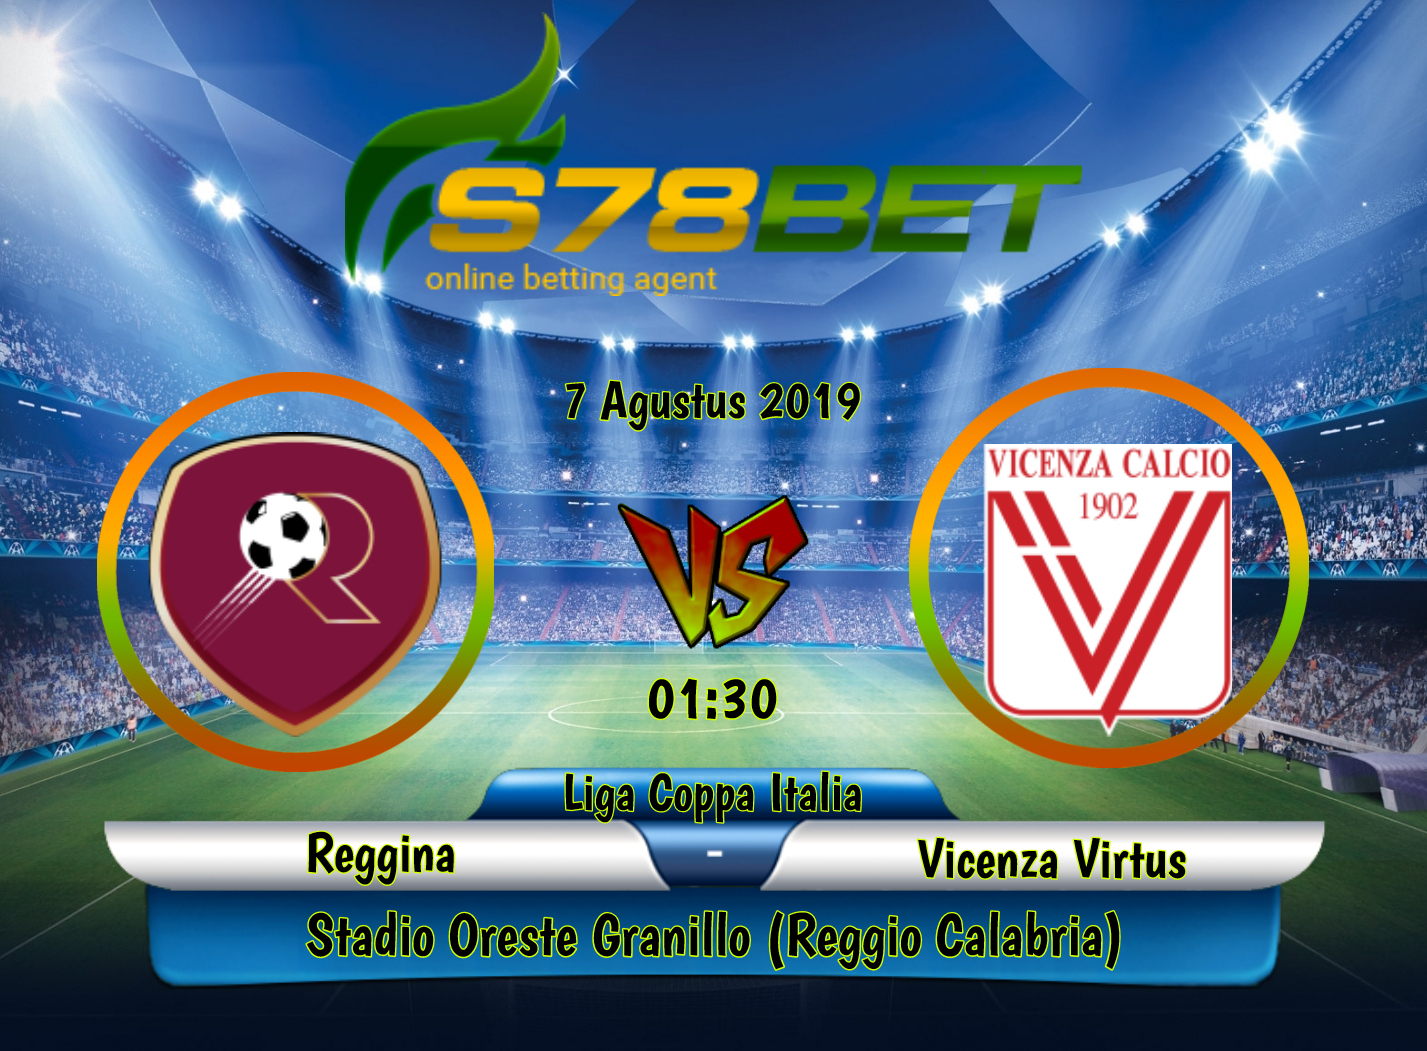 Prediksi Skor Reggina vs Vicenza Virtus 7 Agustus 2019 ...